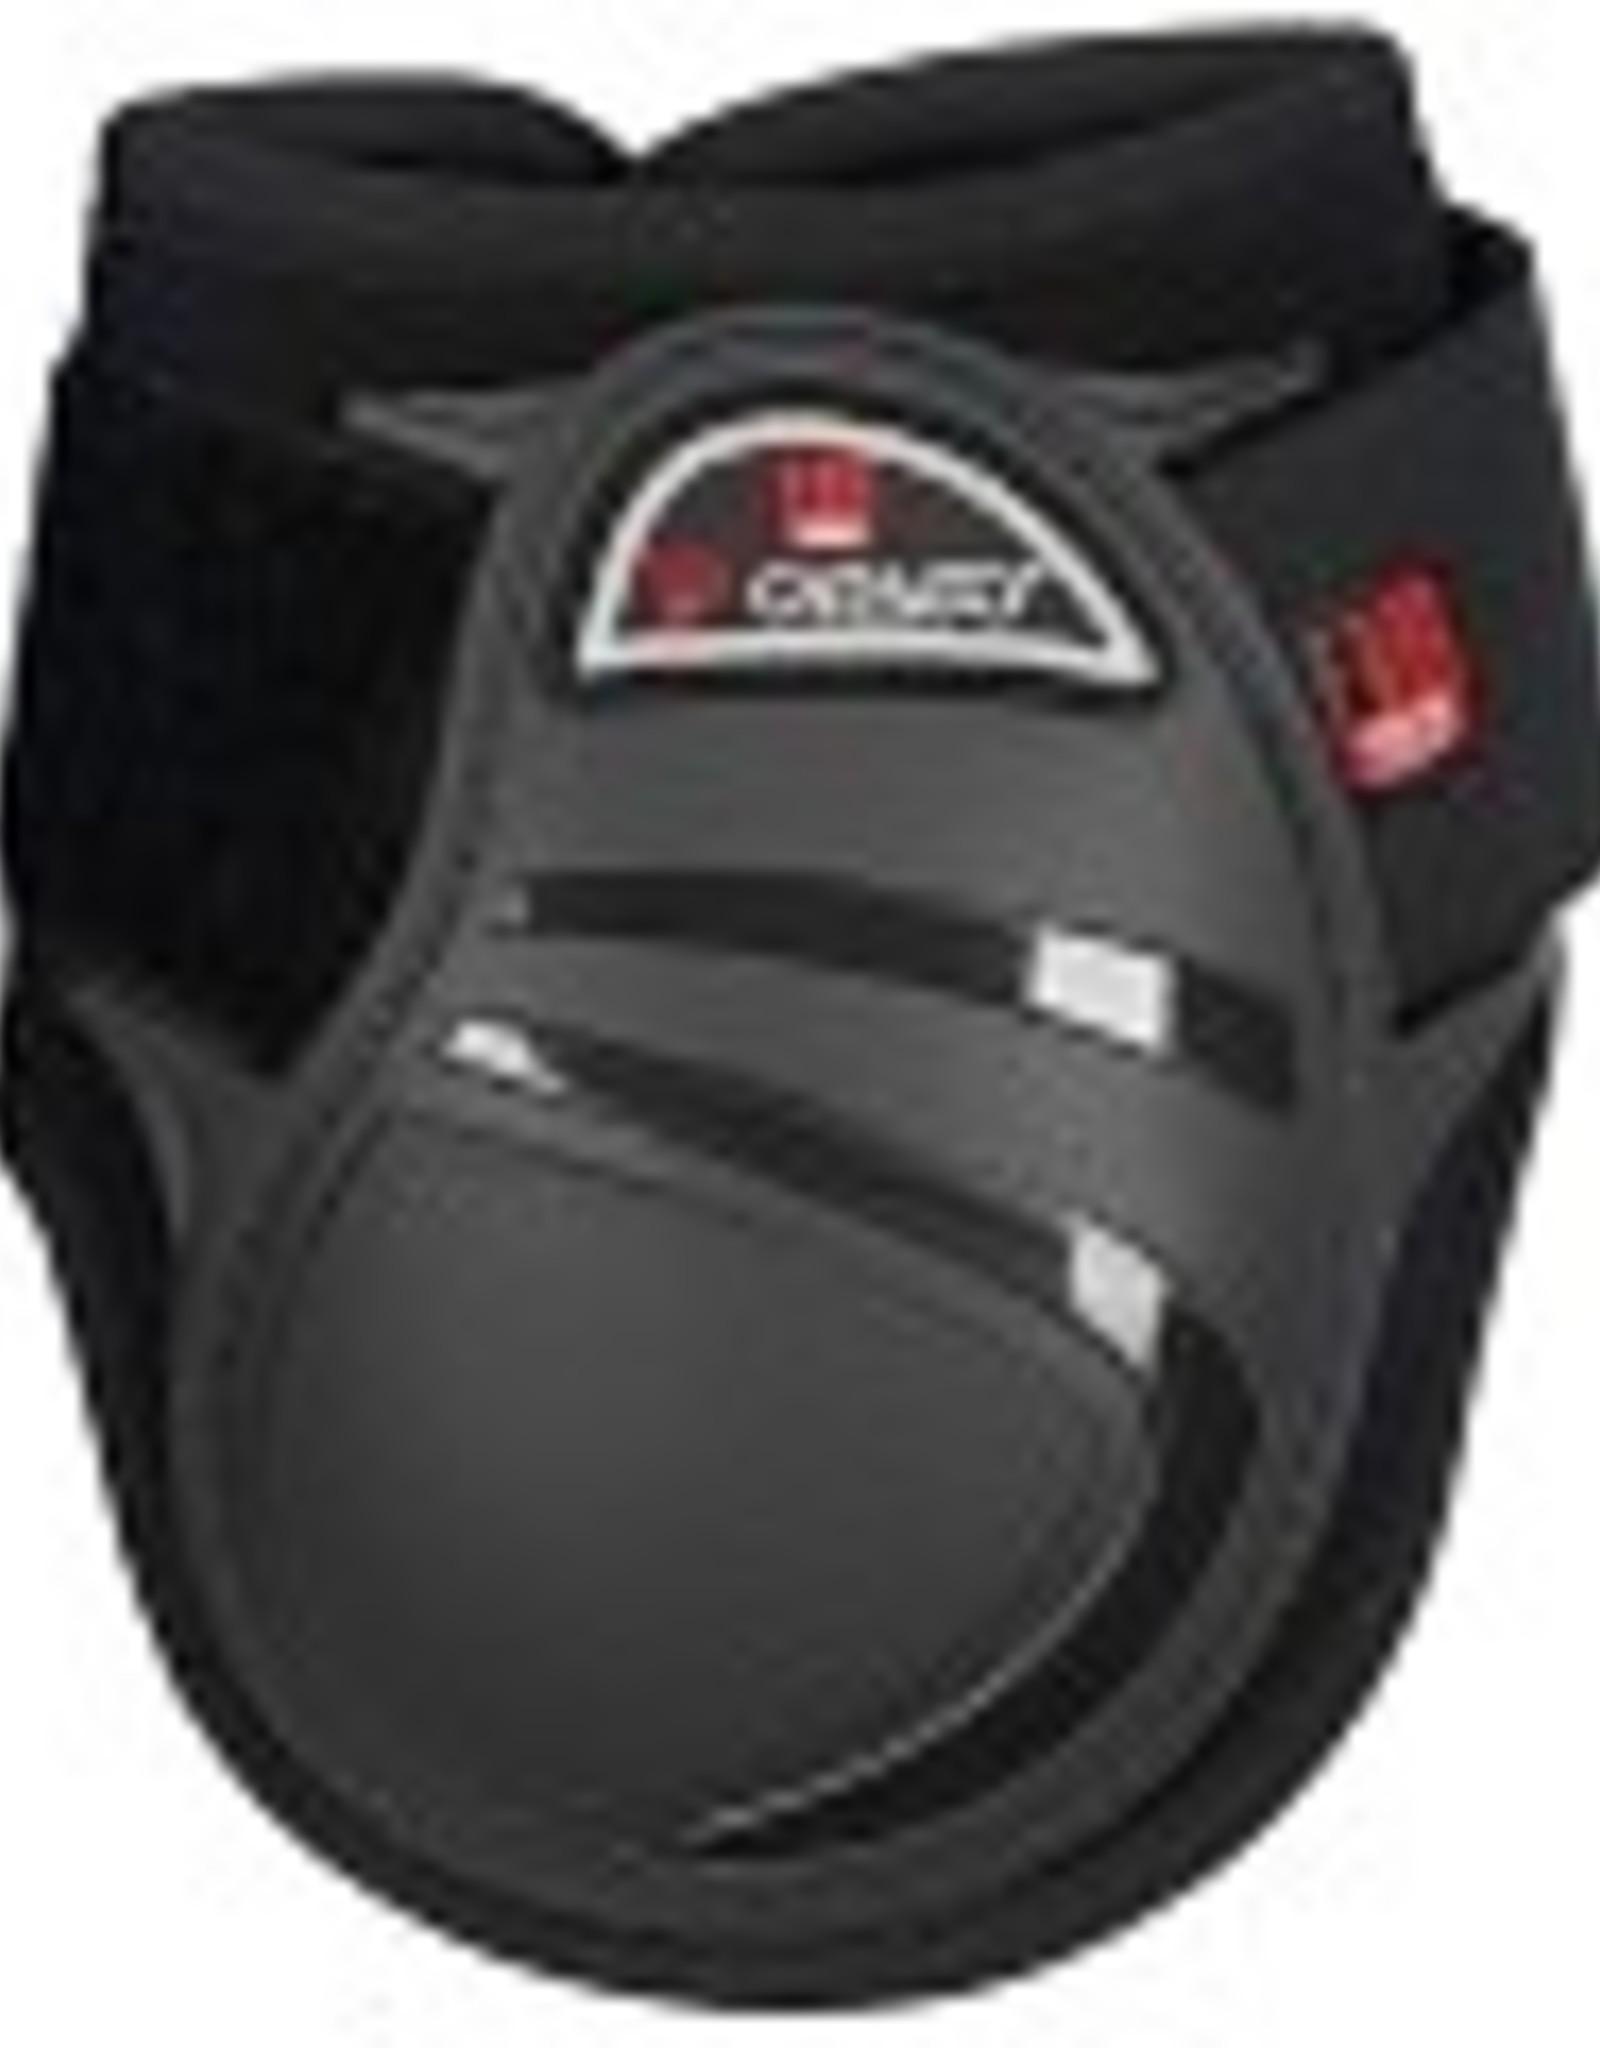 Catago Fir Tech jumping boots